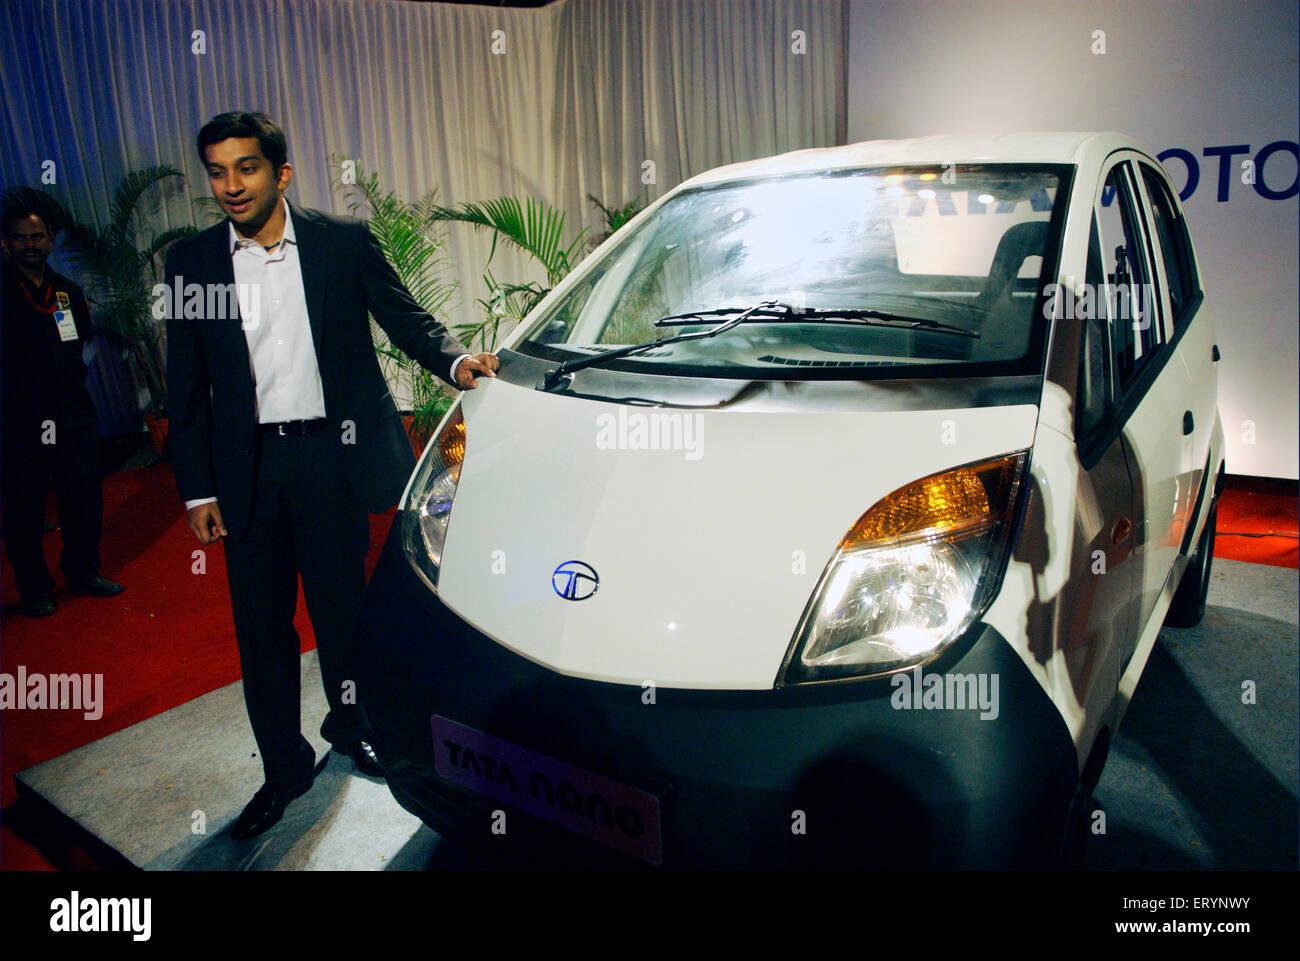 Former Formula driver Narain Karthikeyan with new Tata Nano car ; Bombay Mumbai ; Maharashtra ; India NO MR - Stock Image